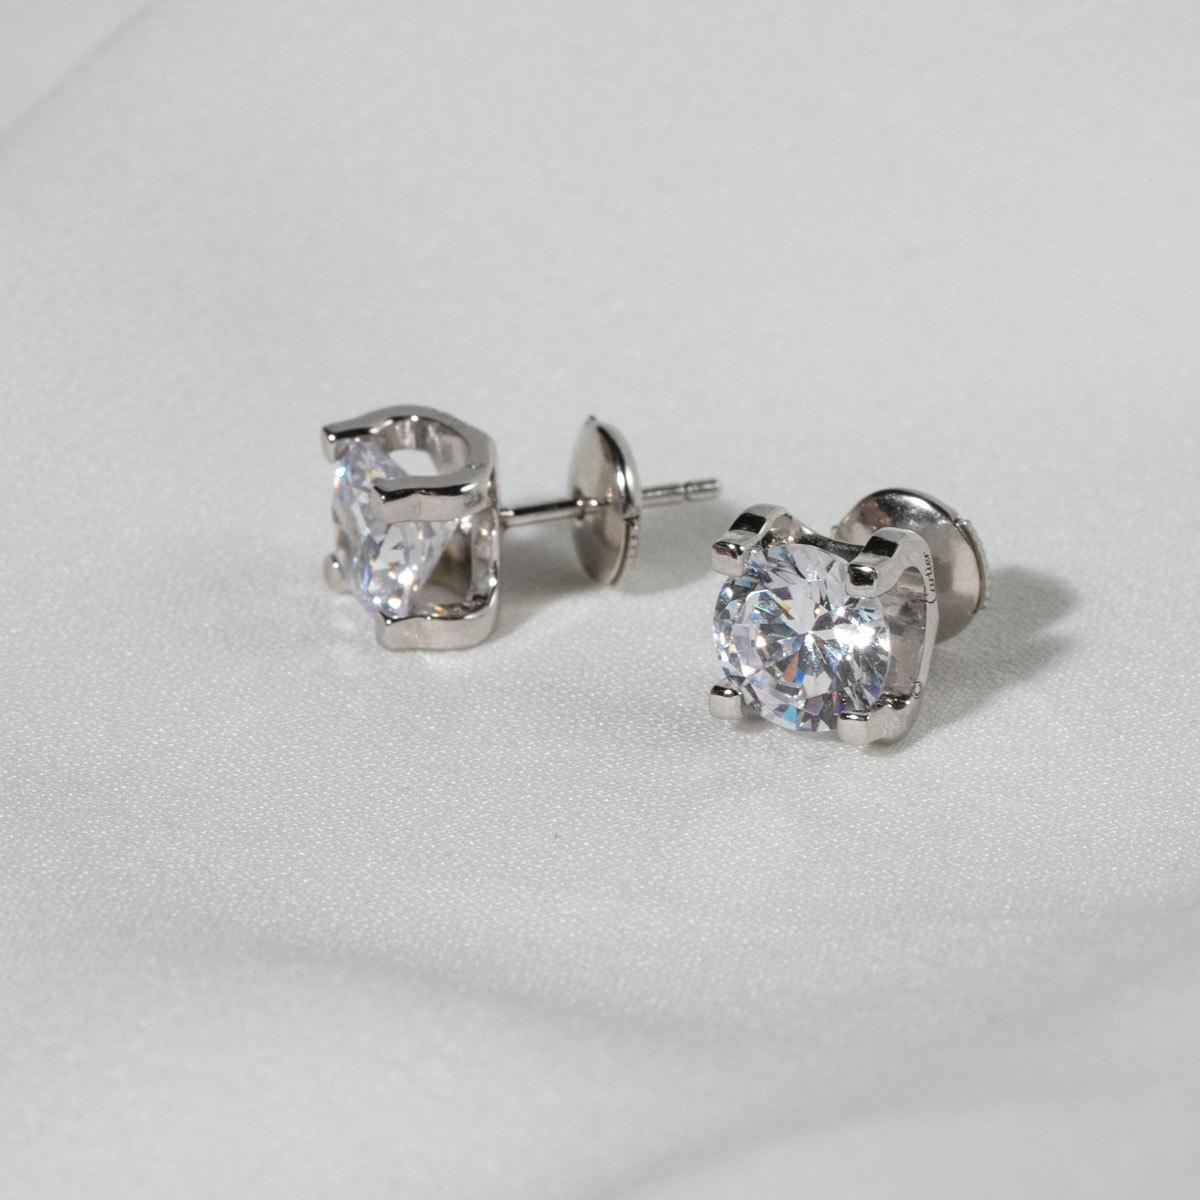 Серьги-пусеты с круглым цирконом в крапанах на винтах 8 мм (серебро 925)